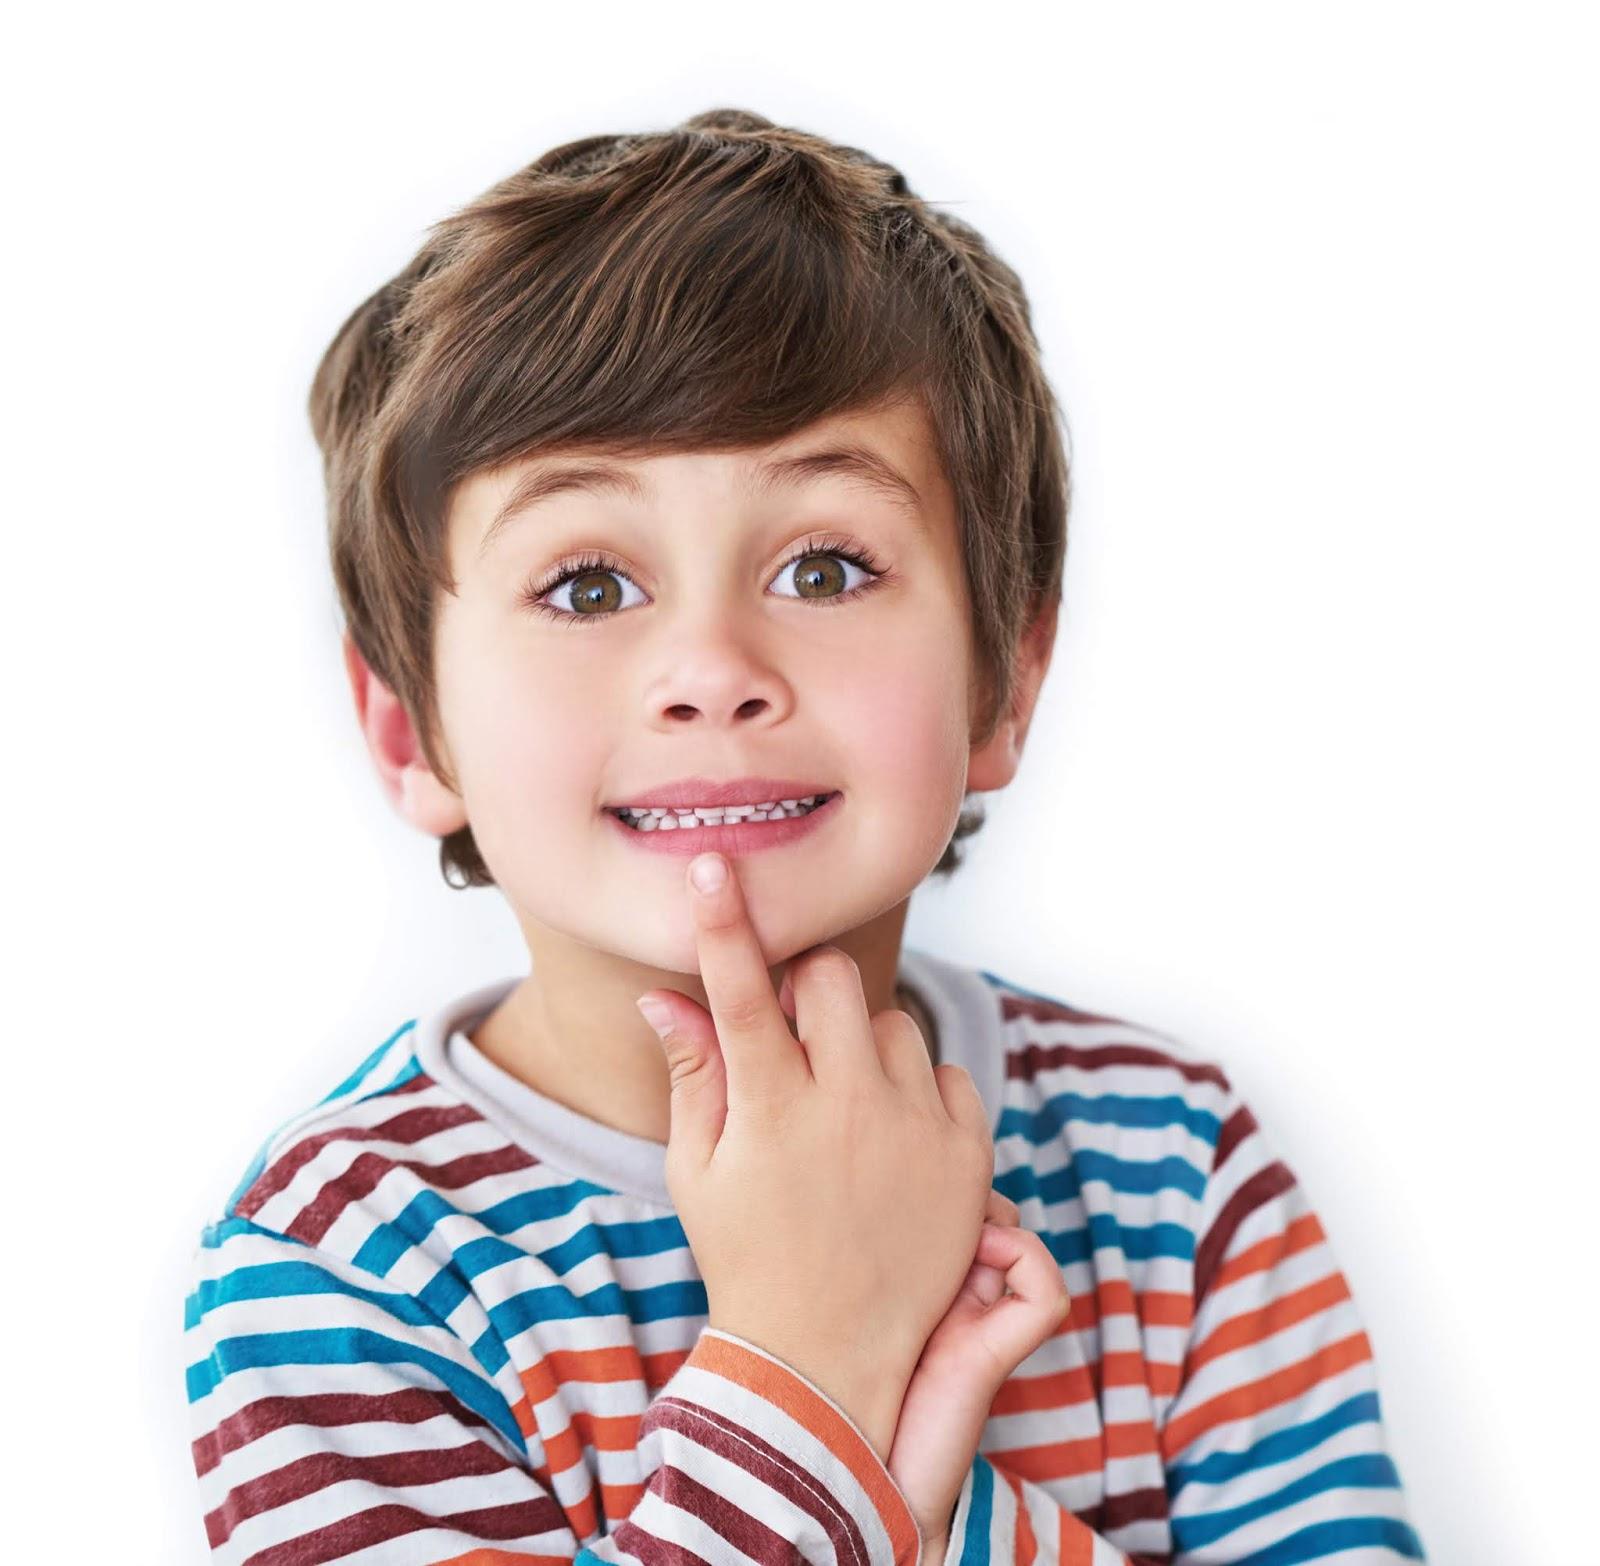 إذا سألني طفلي عن من هو الله بماذا أجيب؟